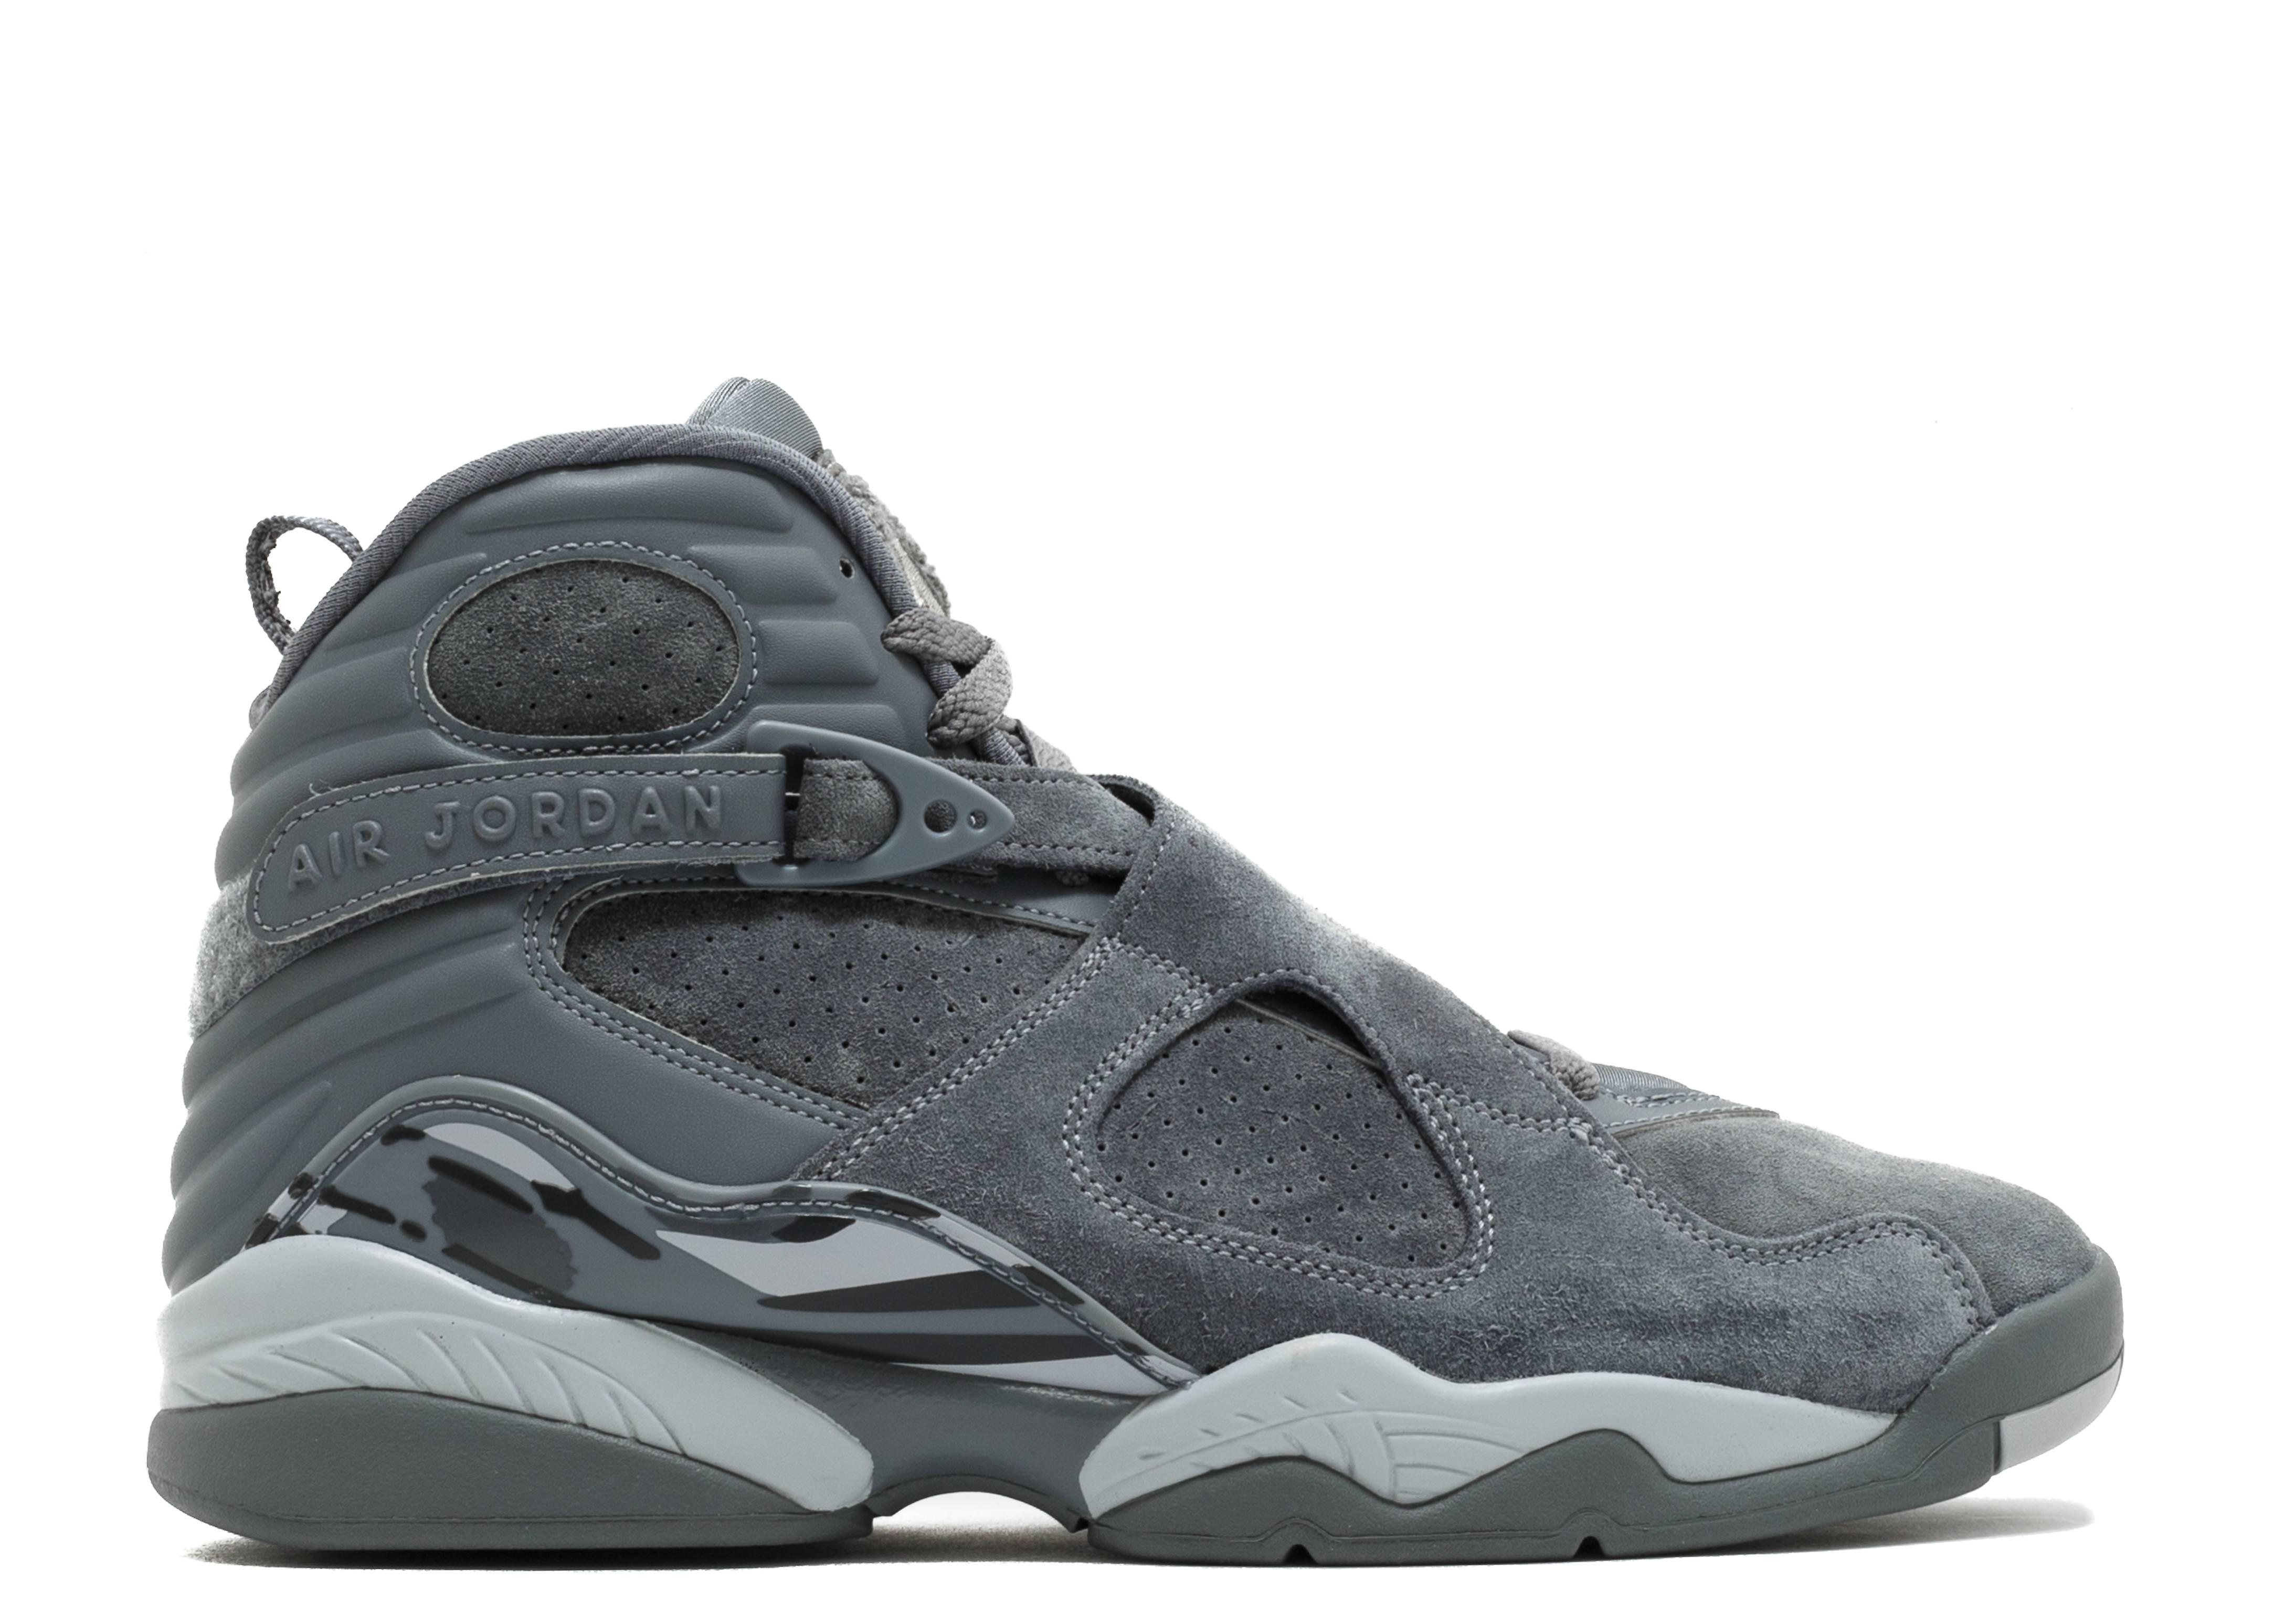 Bildresultat för Jordan 8 cool grey